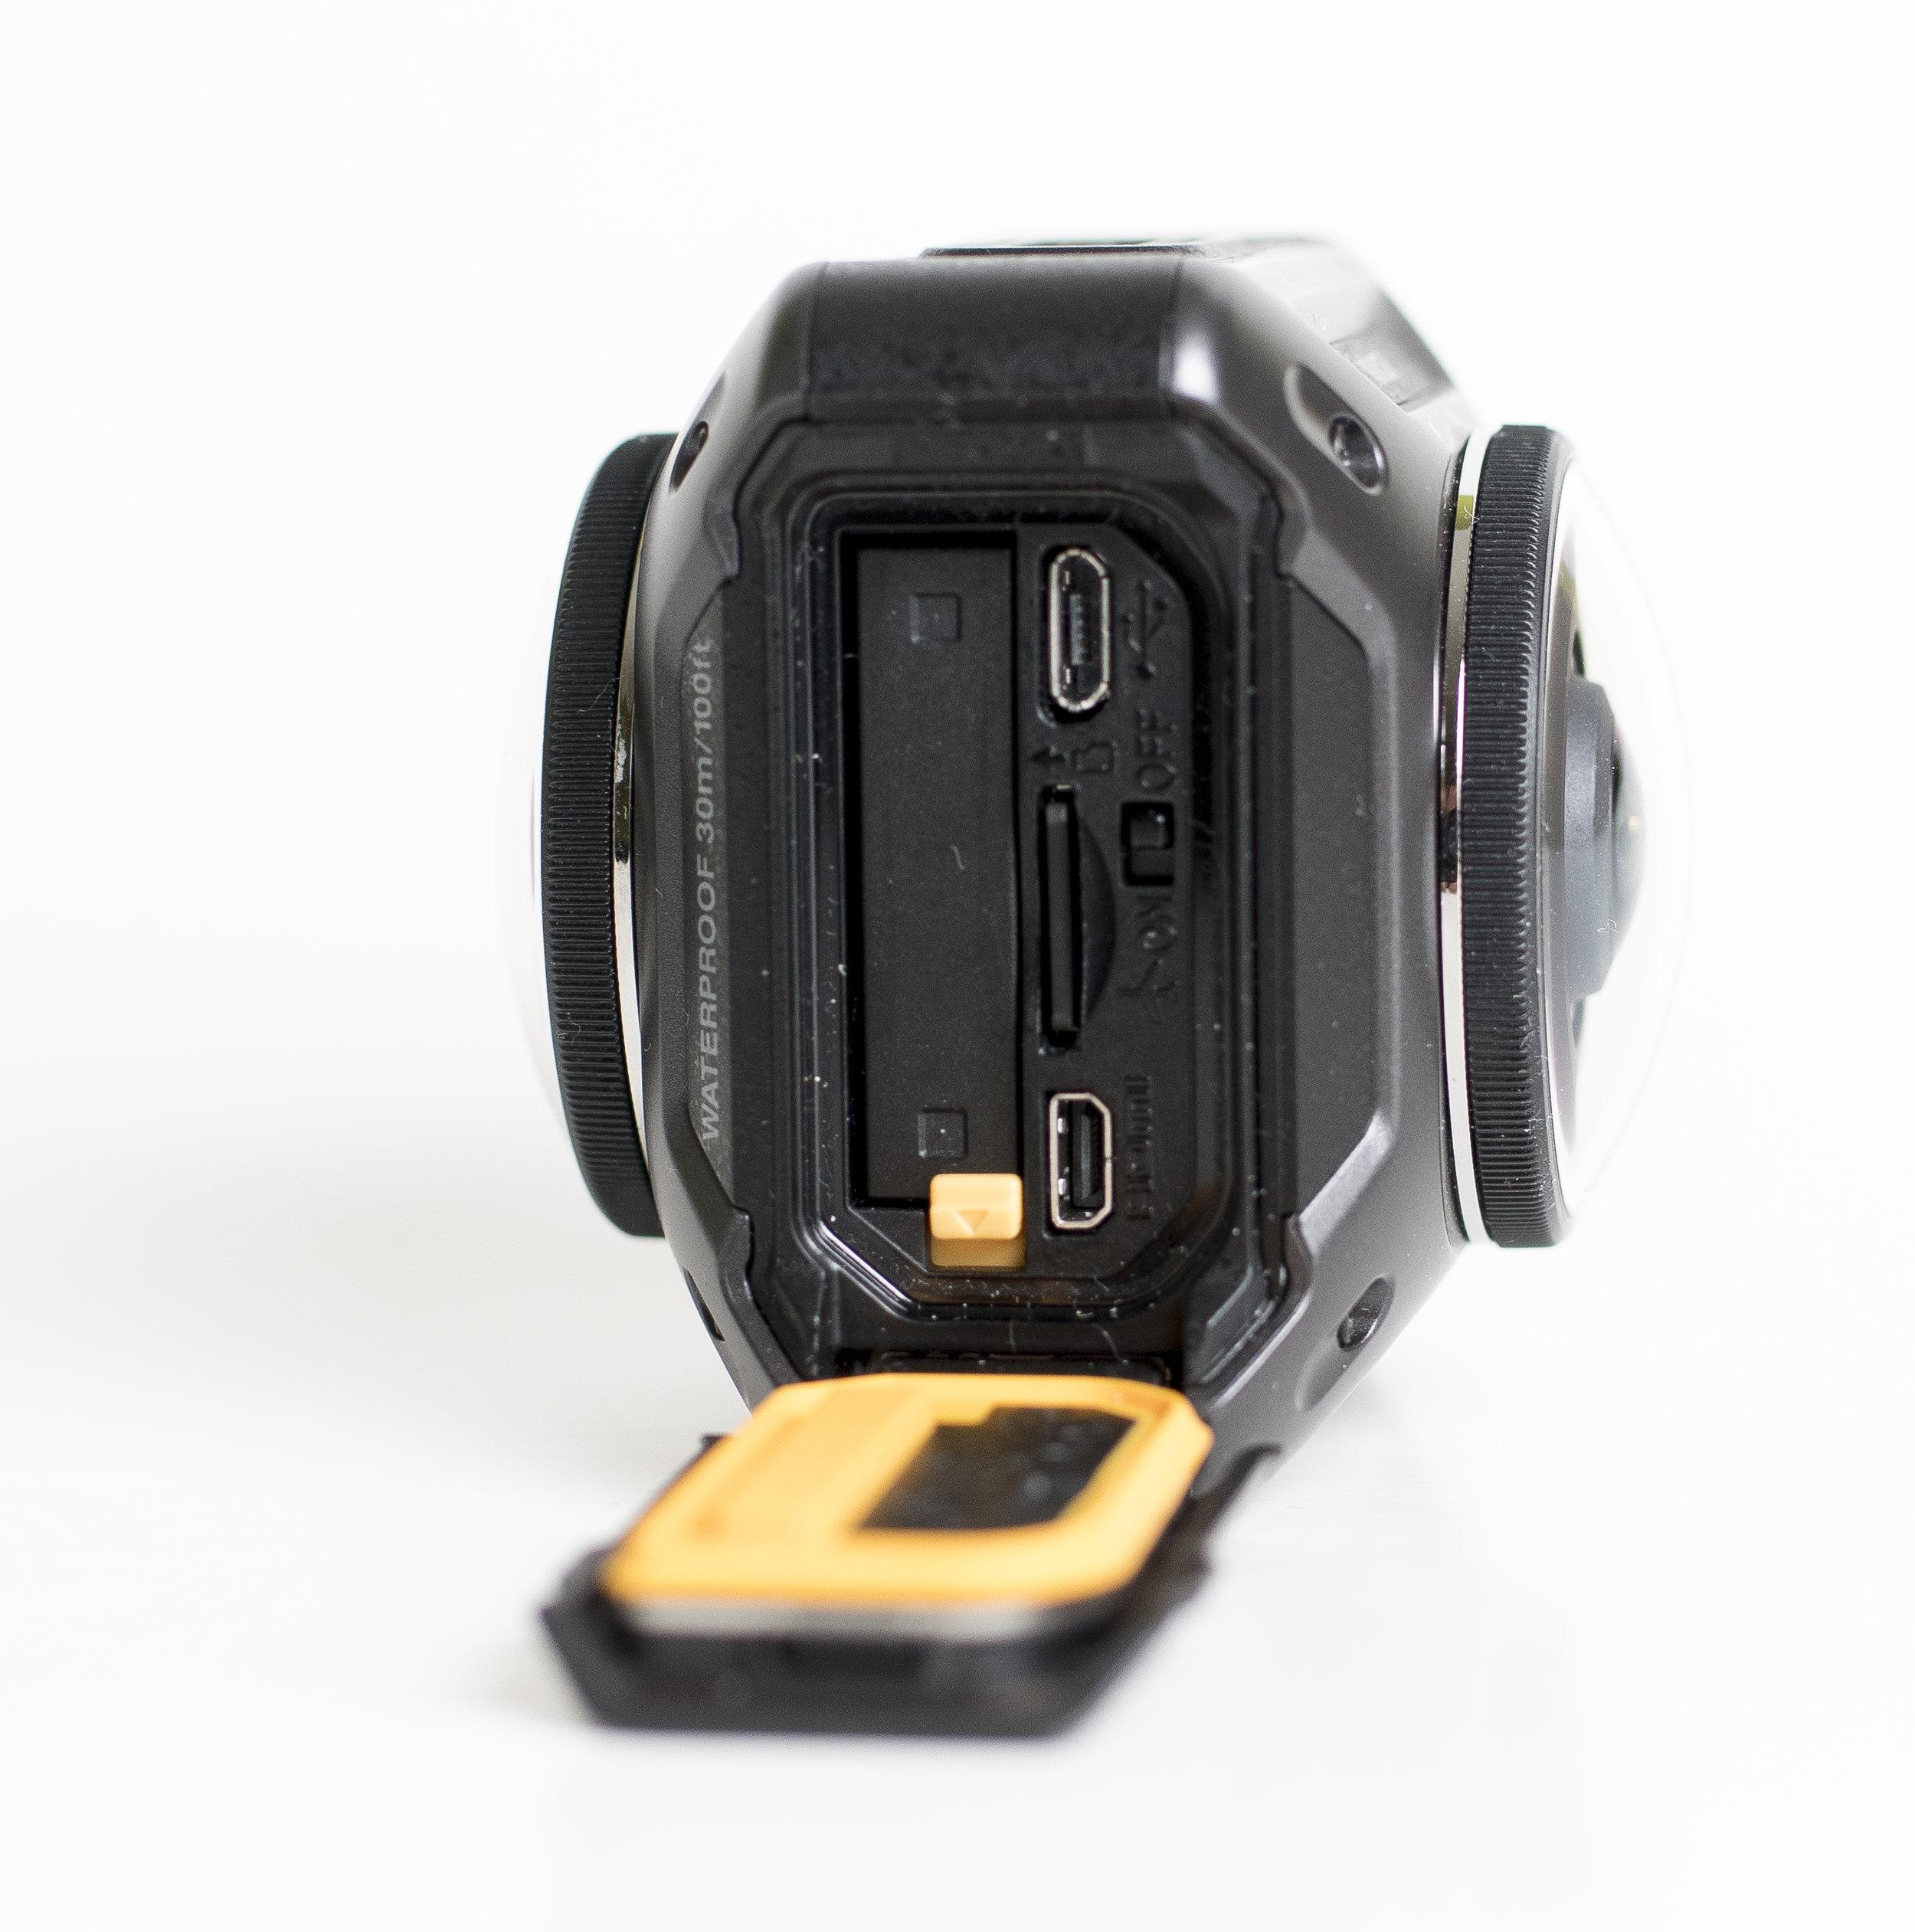 Ovan sitter knappen för att starta inspelning samt LED-indikatorer för inspelning och annat.